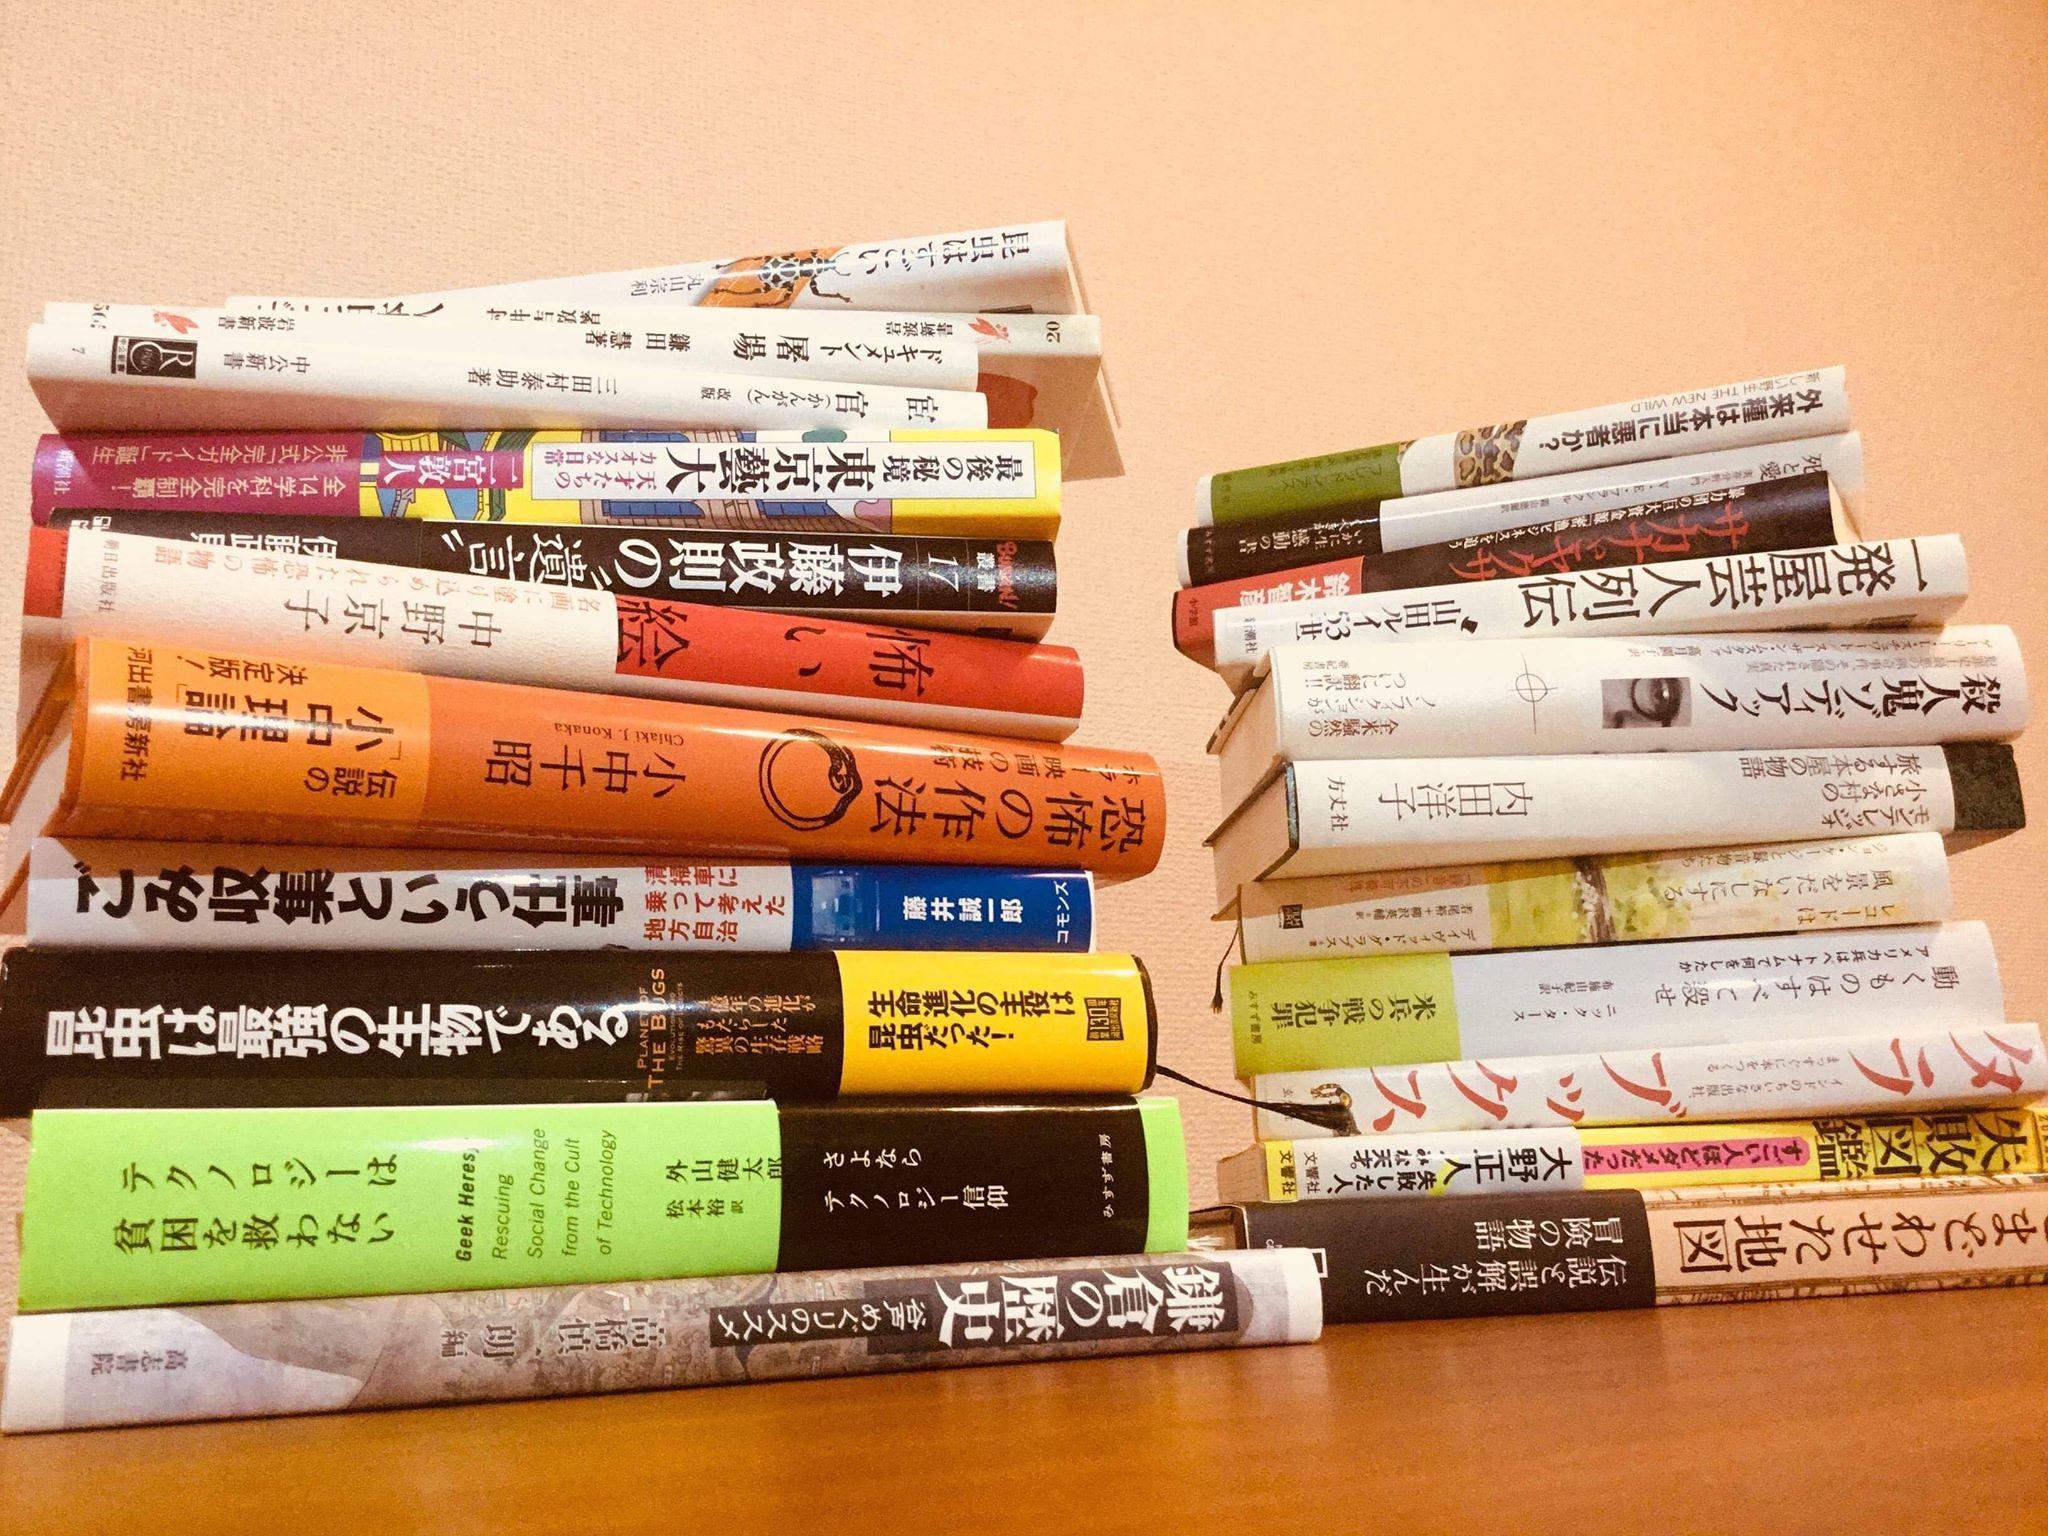 【あなたの「積ん読」見せてください】vol.3 「字」が買う決め手になったけど、字のせいで積ん読